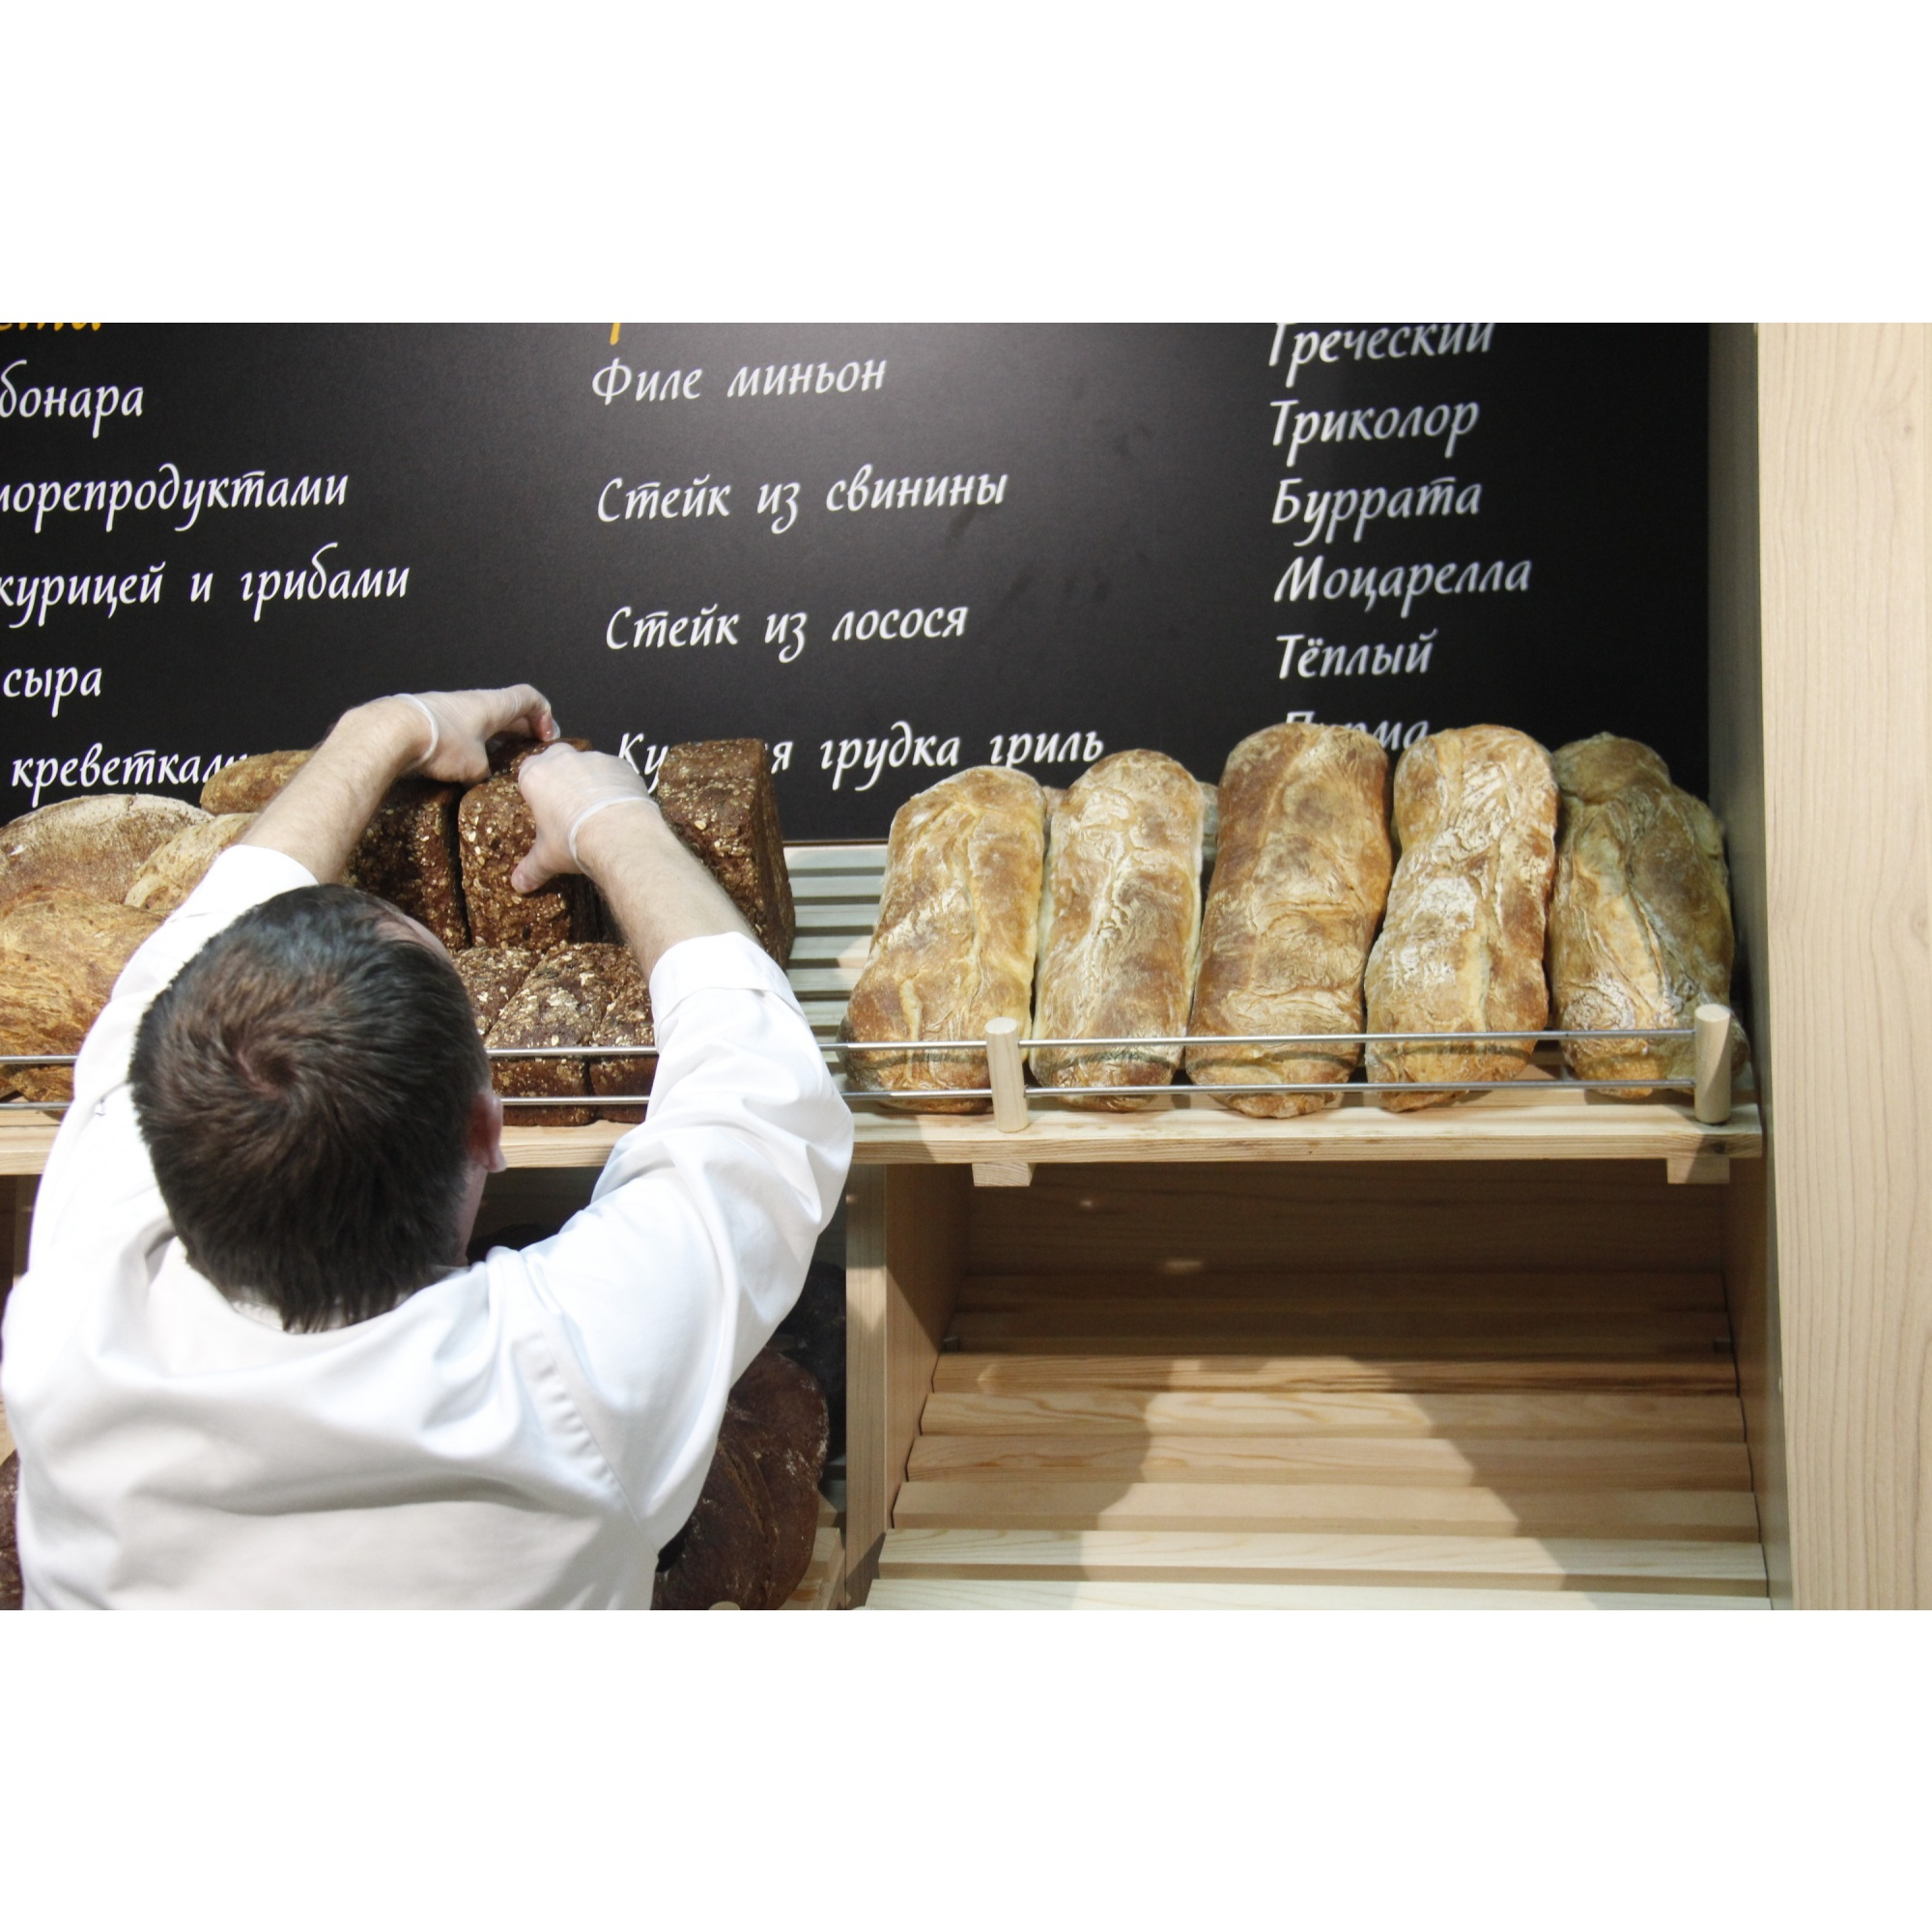 Премиальный сегмент булочных с хлебом ручной работы тоже развивается